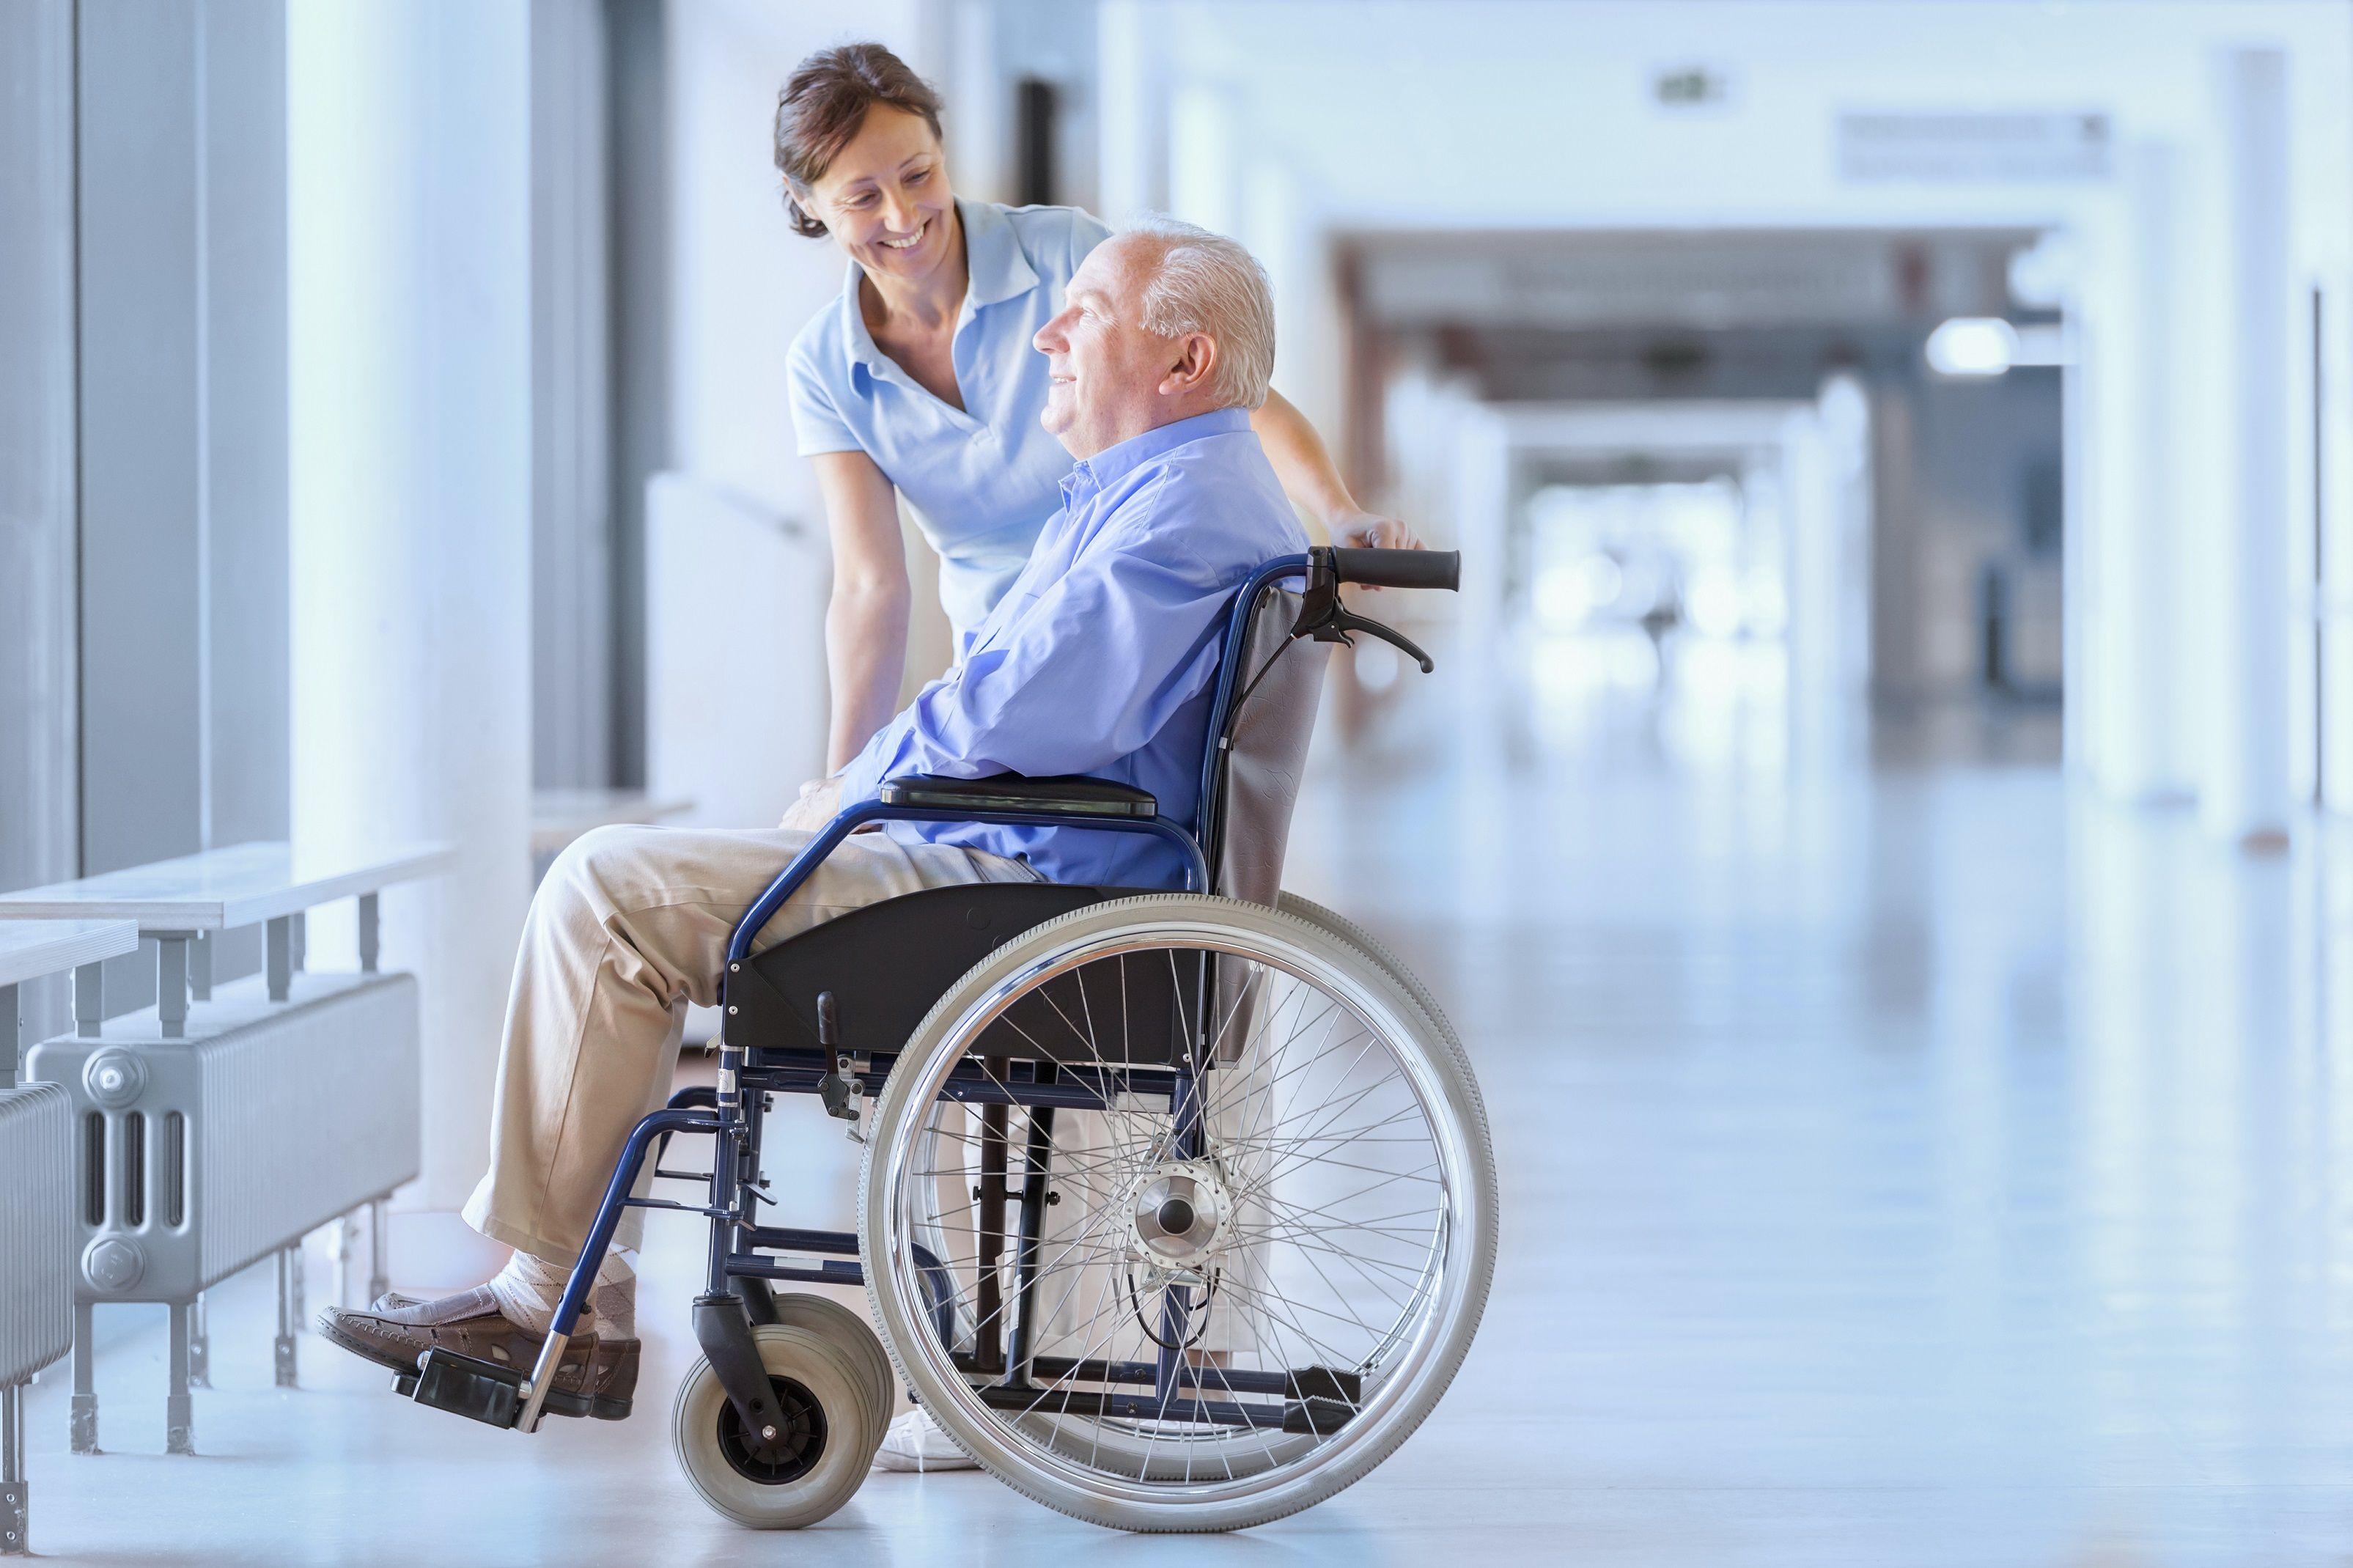 Akcija podrške - Personalna asistencija za osobe sa invaliditetom